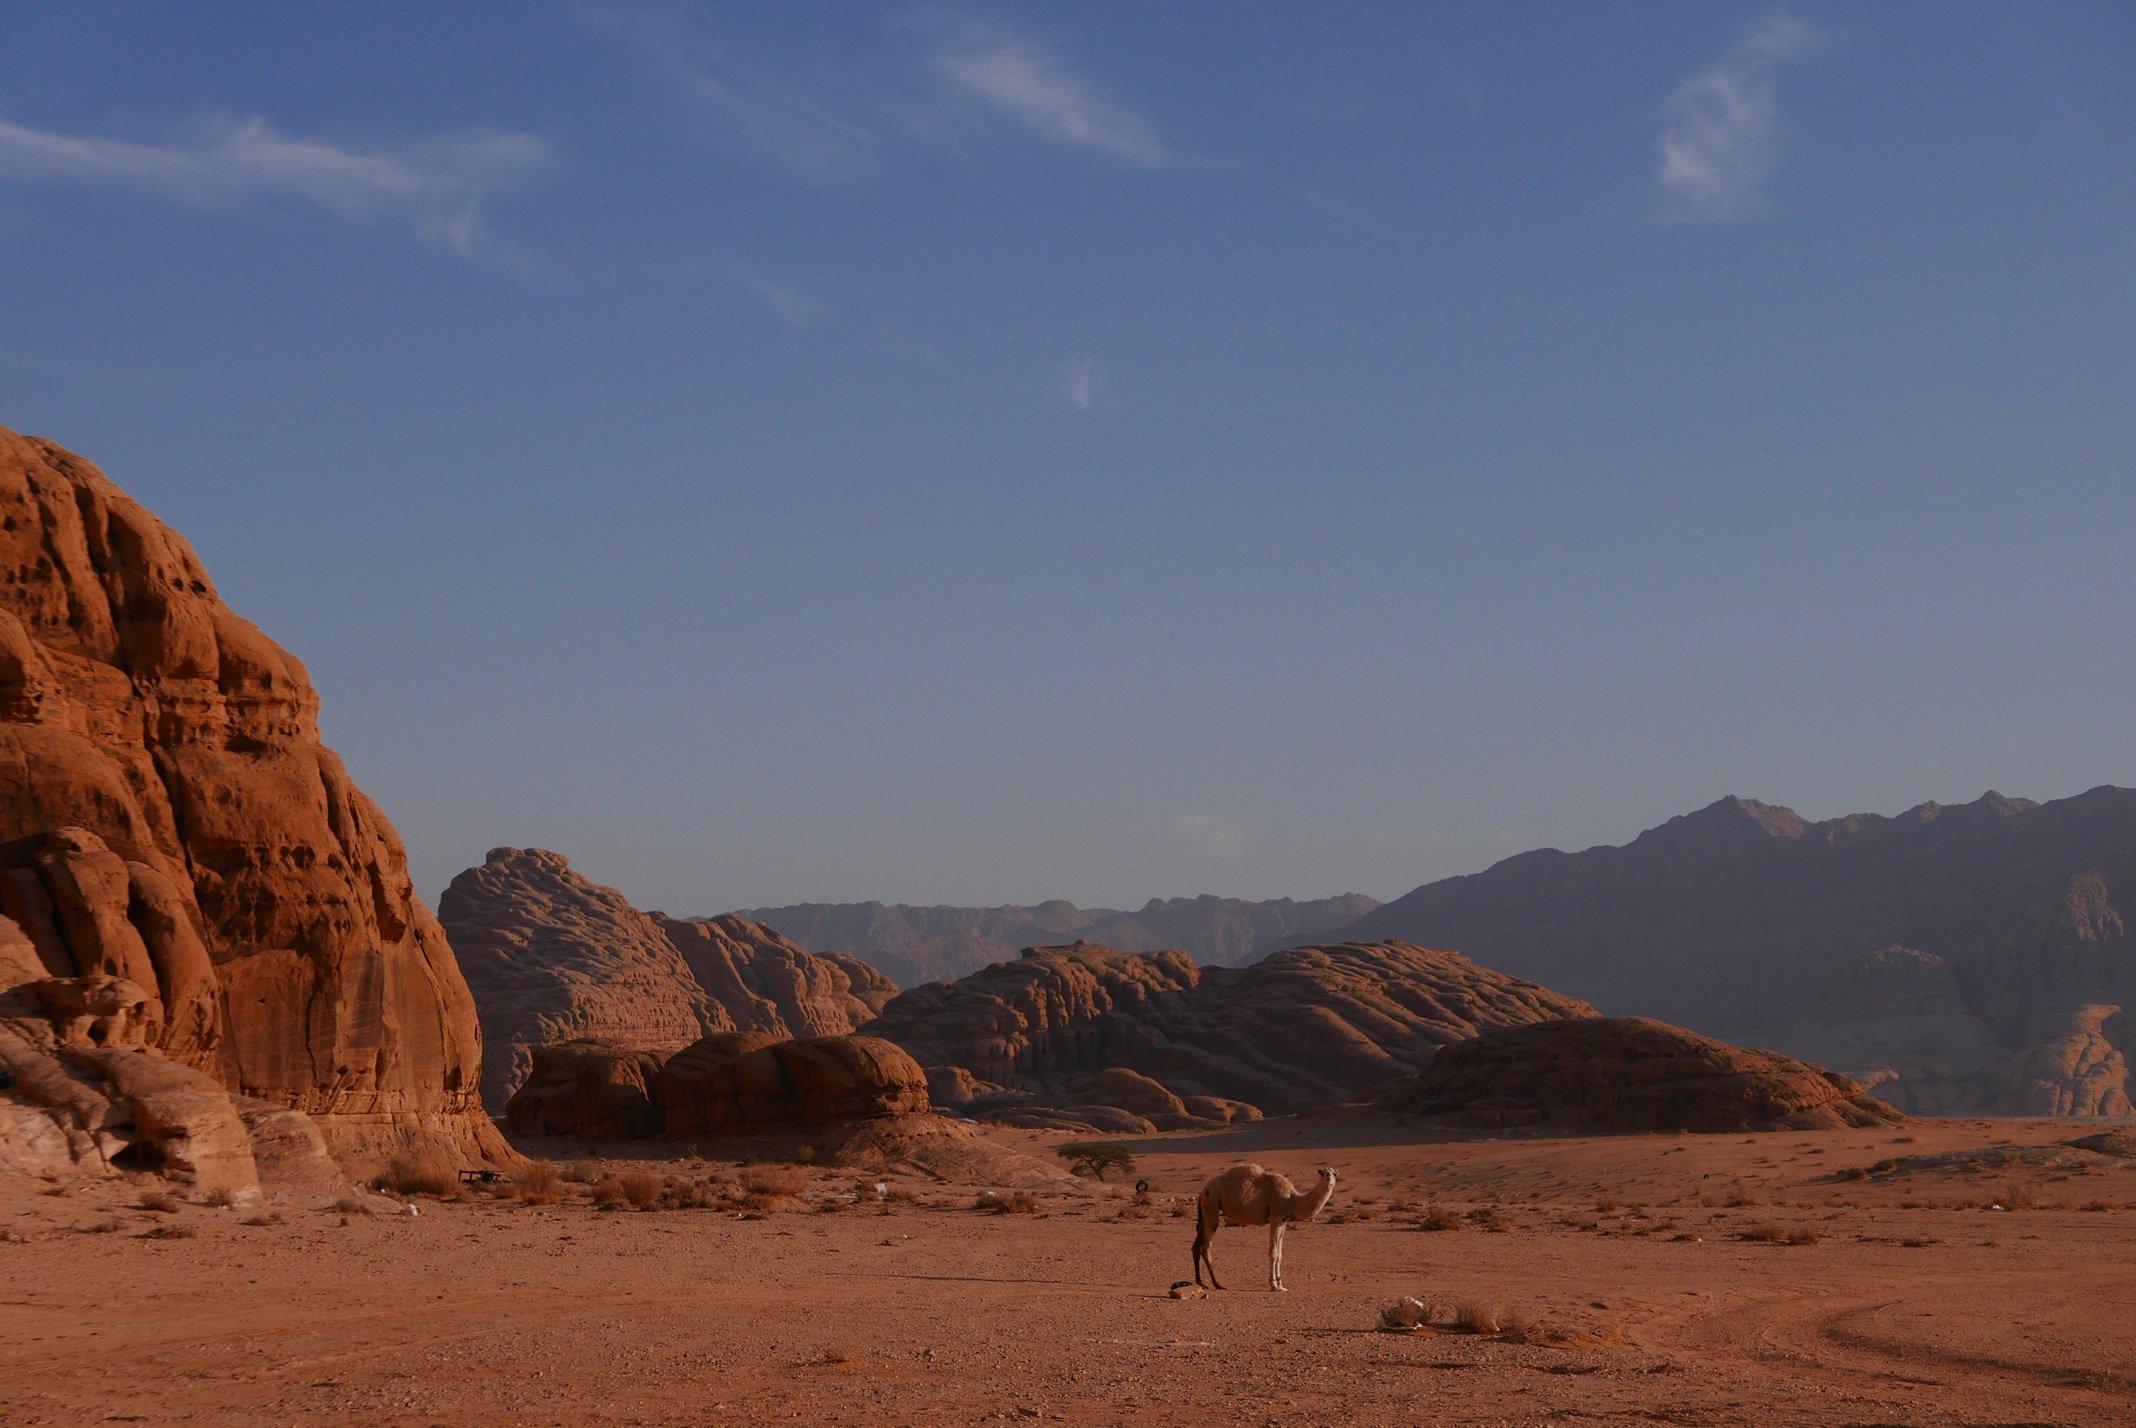 Jordan, Wadi Rum, desert, camel